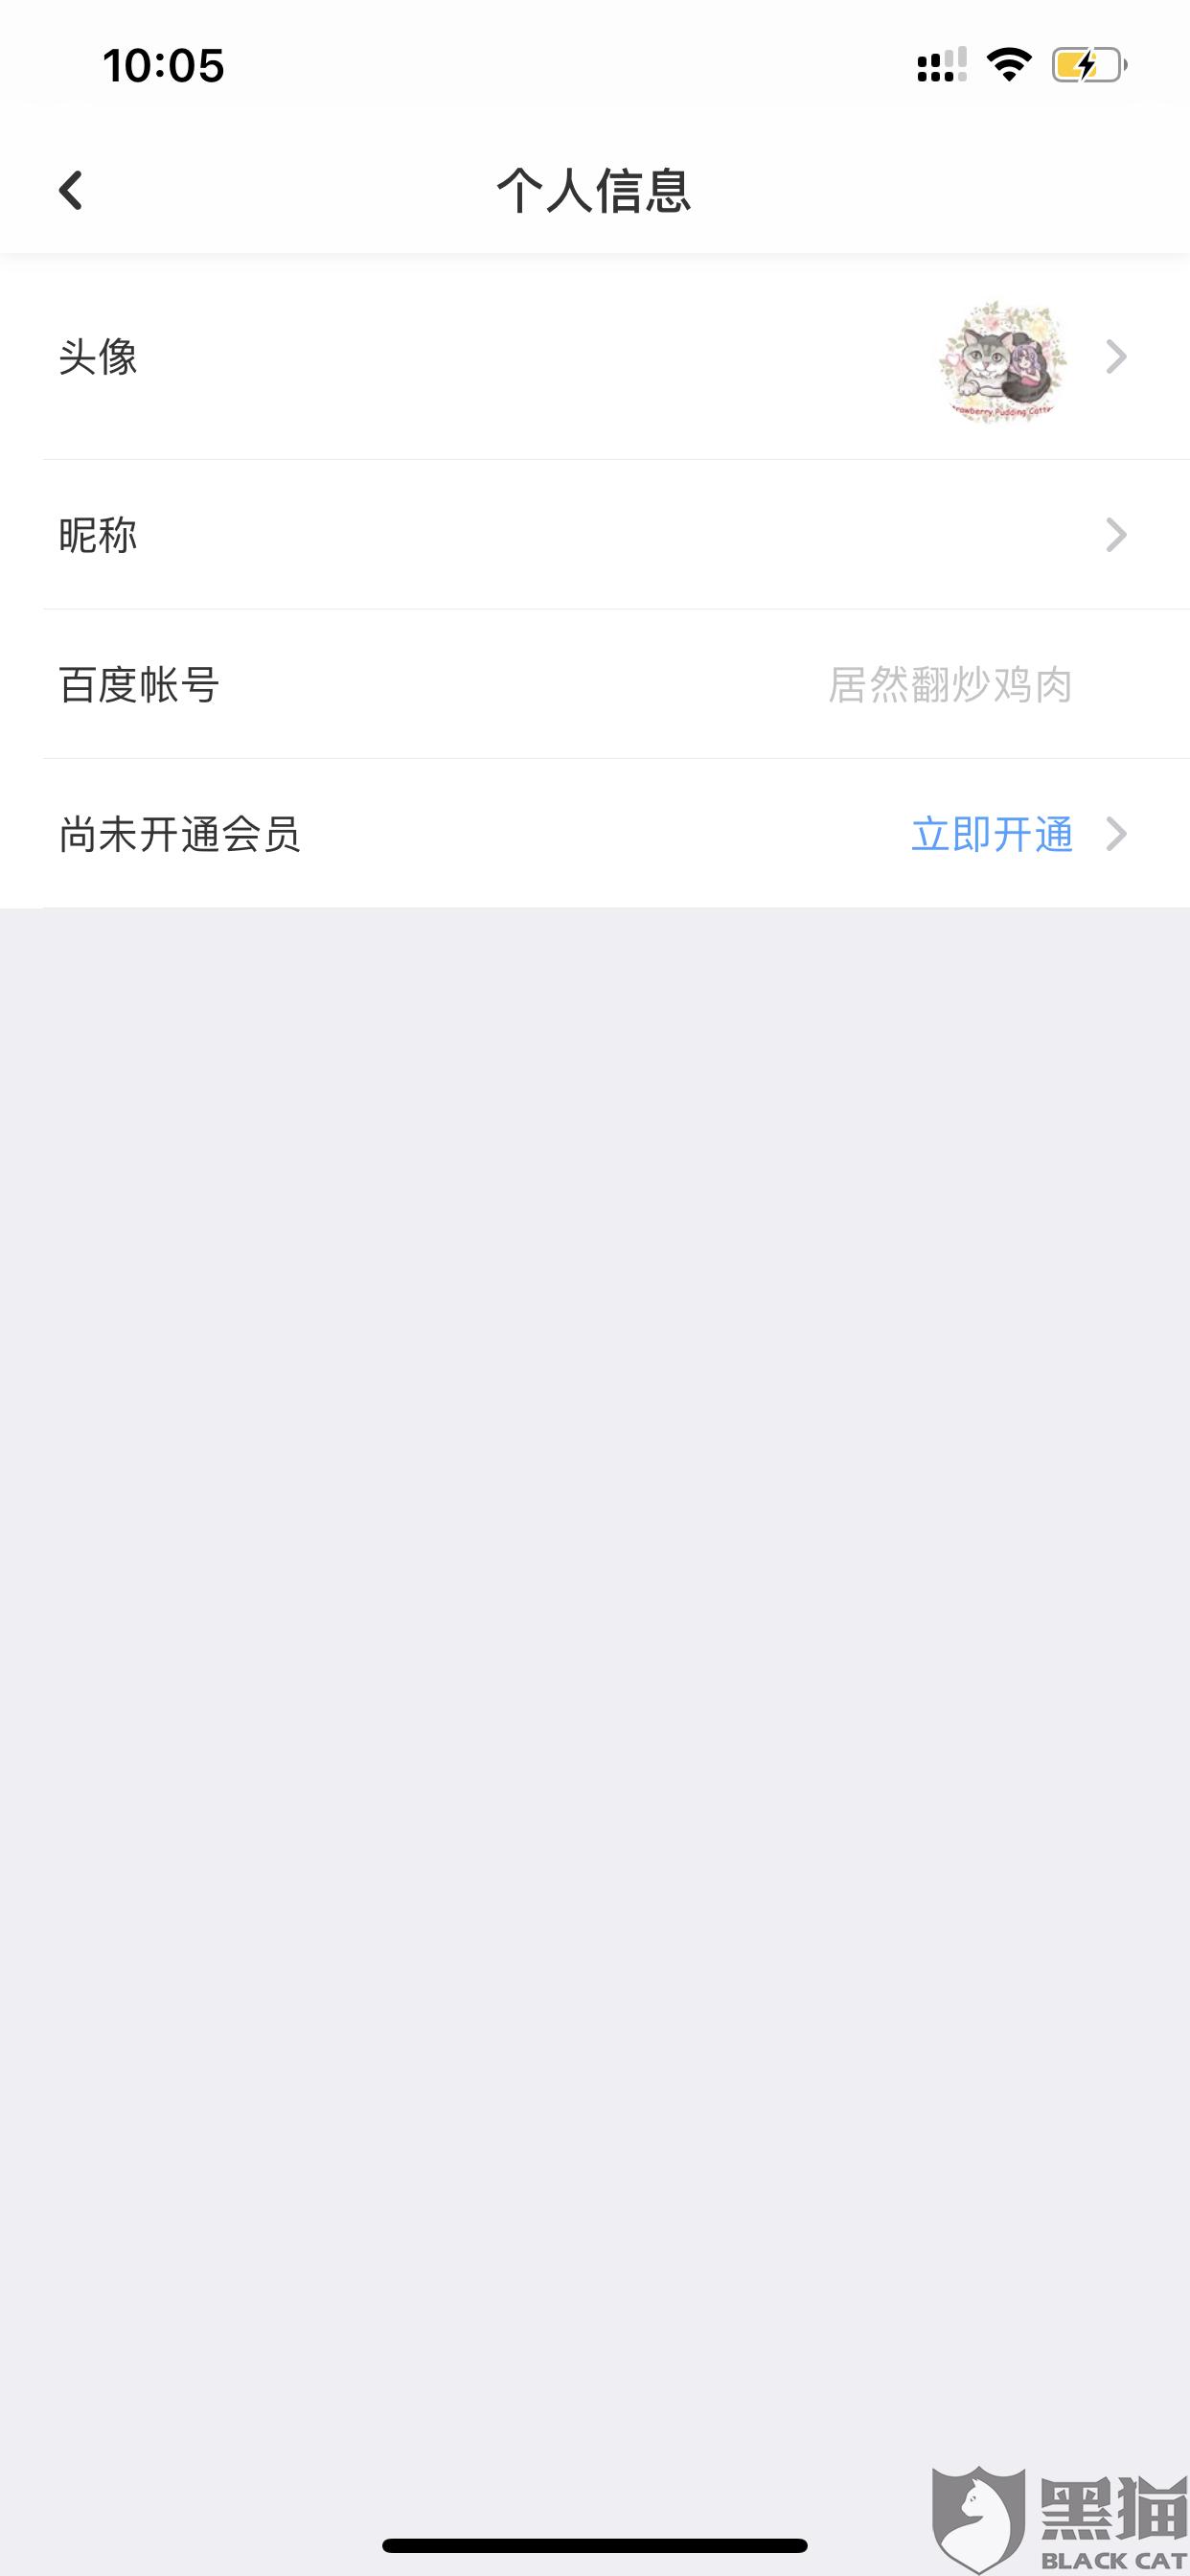 椭圆投诉:我开通了超级员服务而百度网盘app却显示未开通的黑猫课件ppt图片